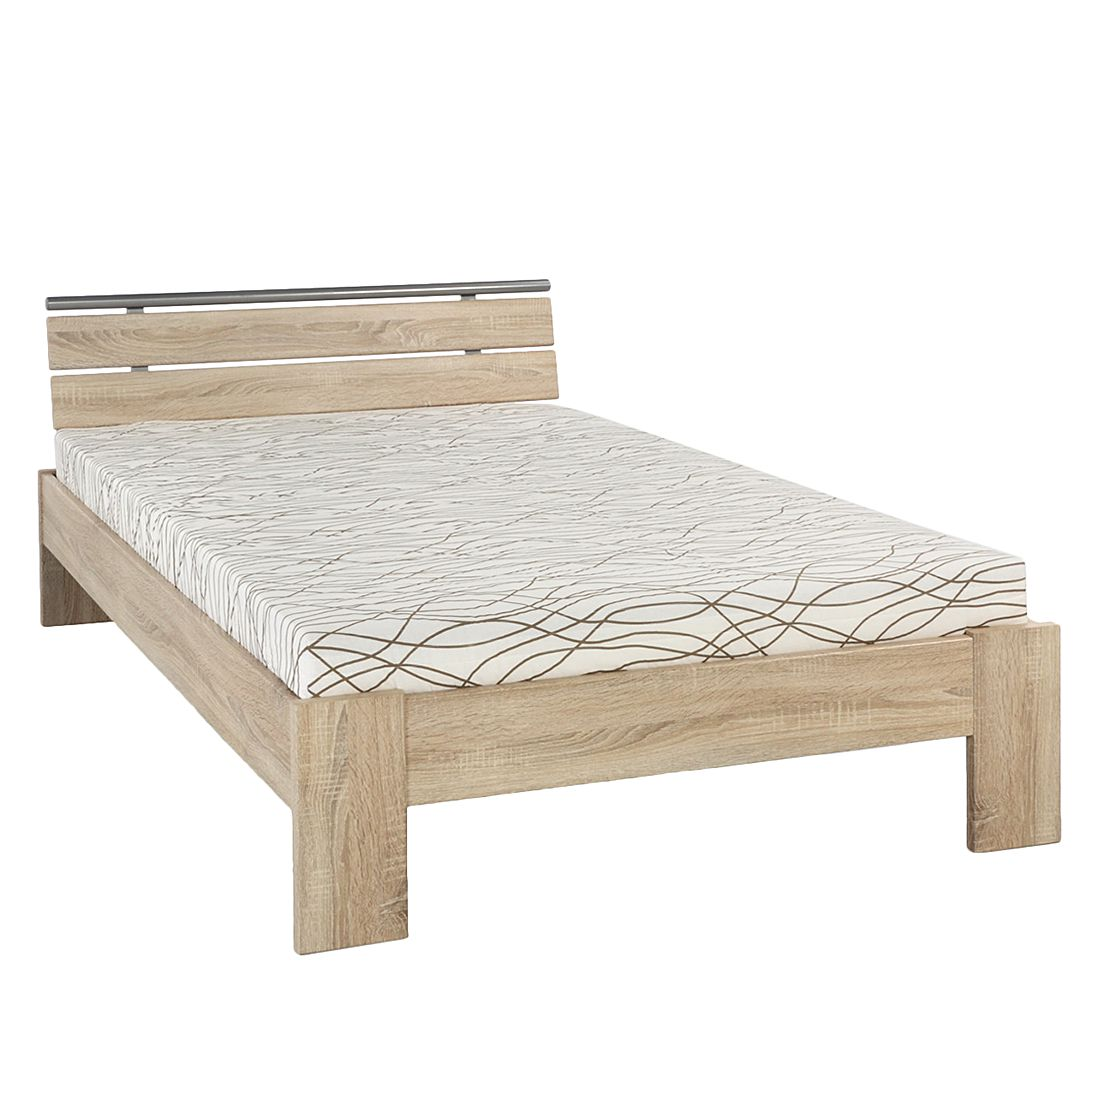 Lit Megan - 120 x 200cm - Structure de lit avec matelas et sommier - Imitation chêne brut de sciage,